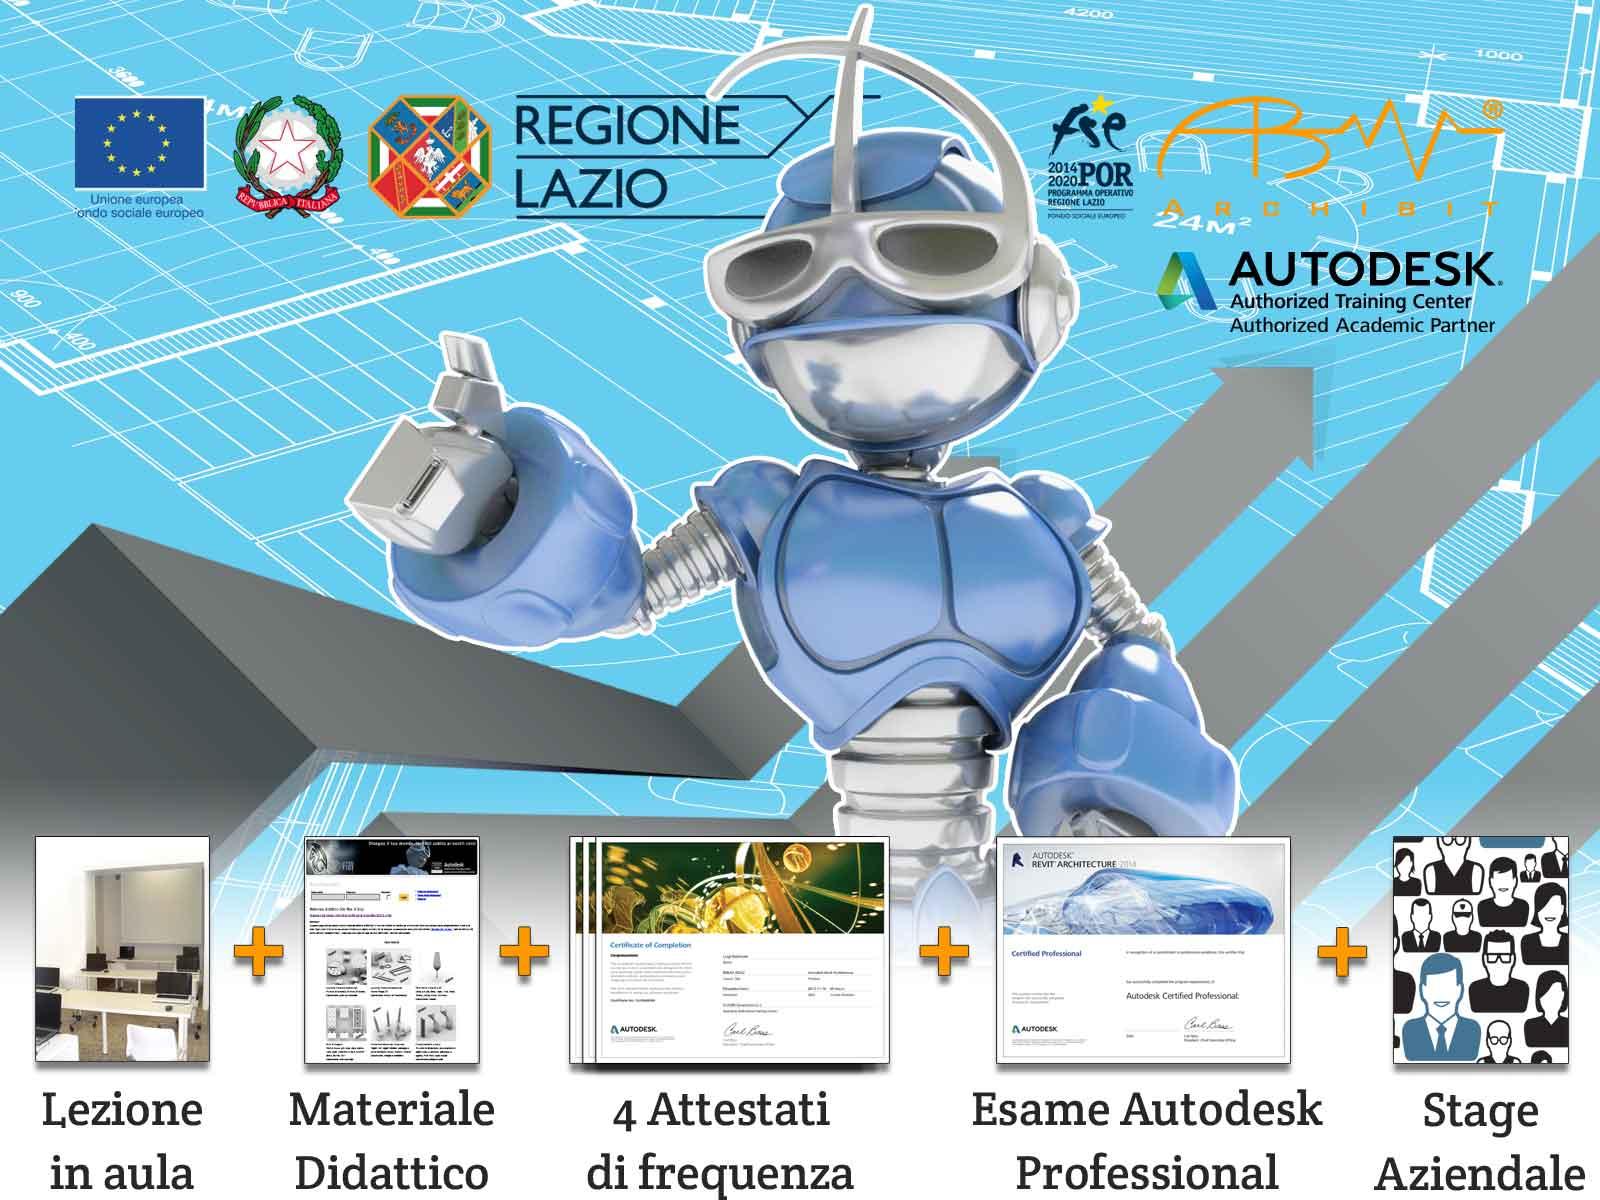 bando-mestieri-corso-gratuito-tecnico-del-disegno-edile-regione-lazio-certificazioni-autodesk-professional-cad-revit-3ds-max-archibit-corsi-roma